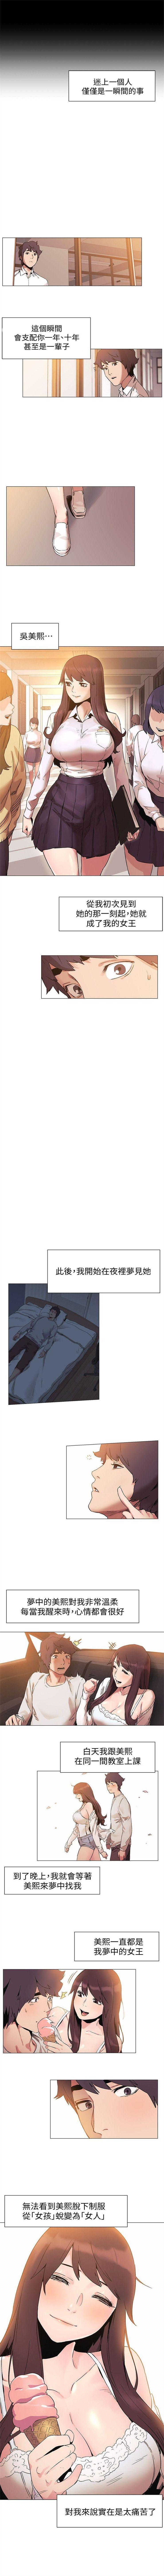 (週5)衝突 1-91 中文翻譯 (更新中) 177